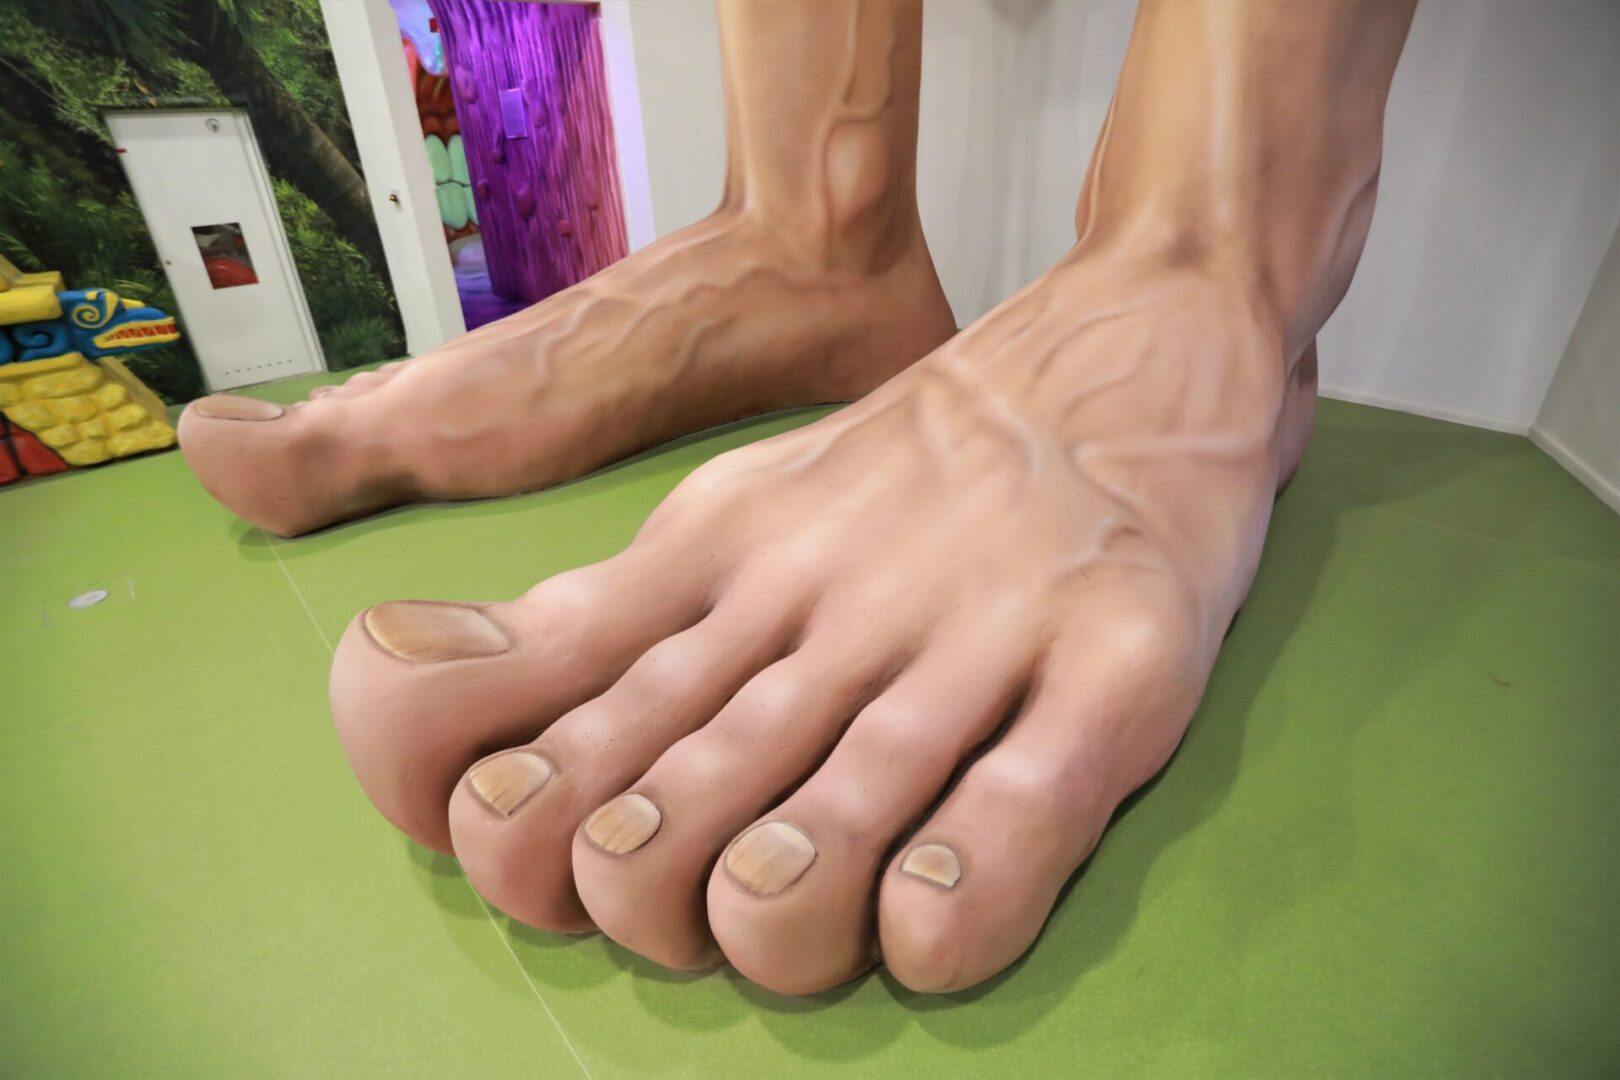 Художественное оформление аттракциона «Внутри человека» в парке развлечений «Galaxy» ноги крупный план